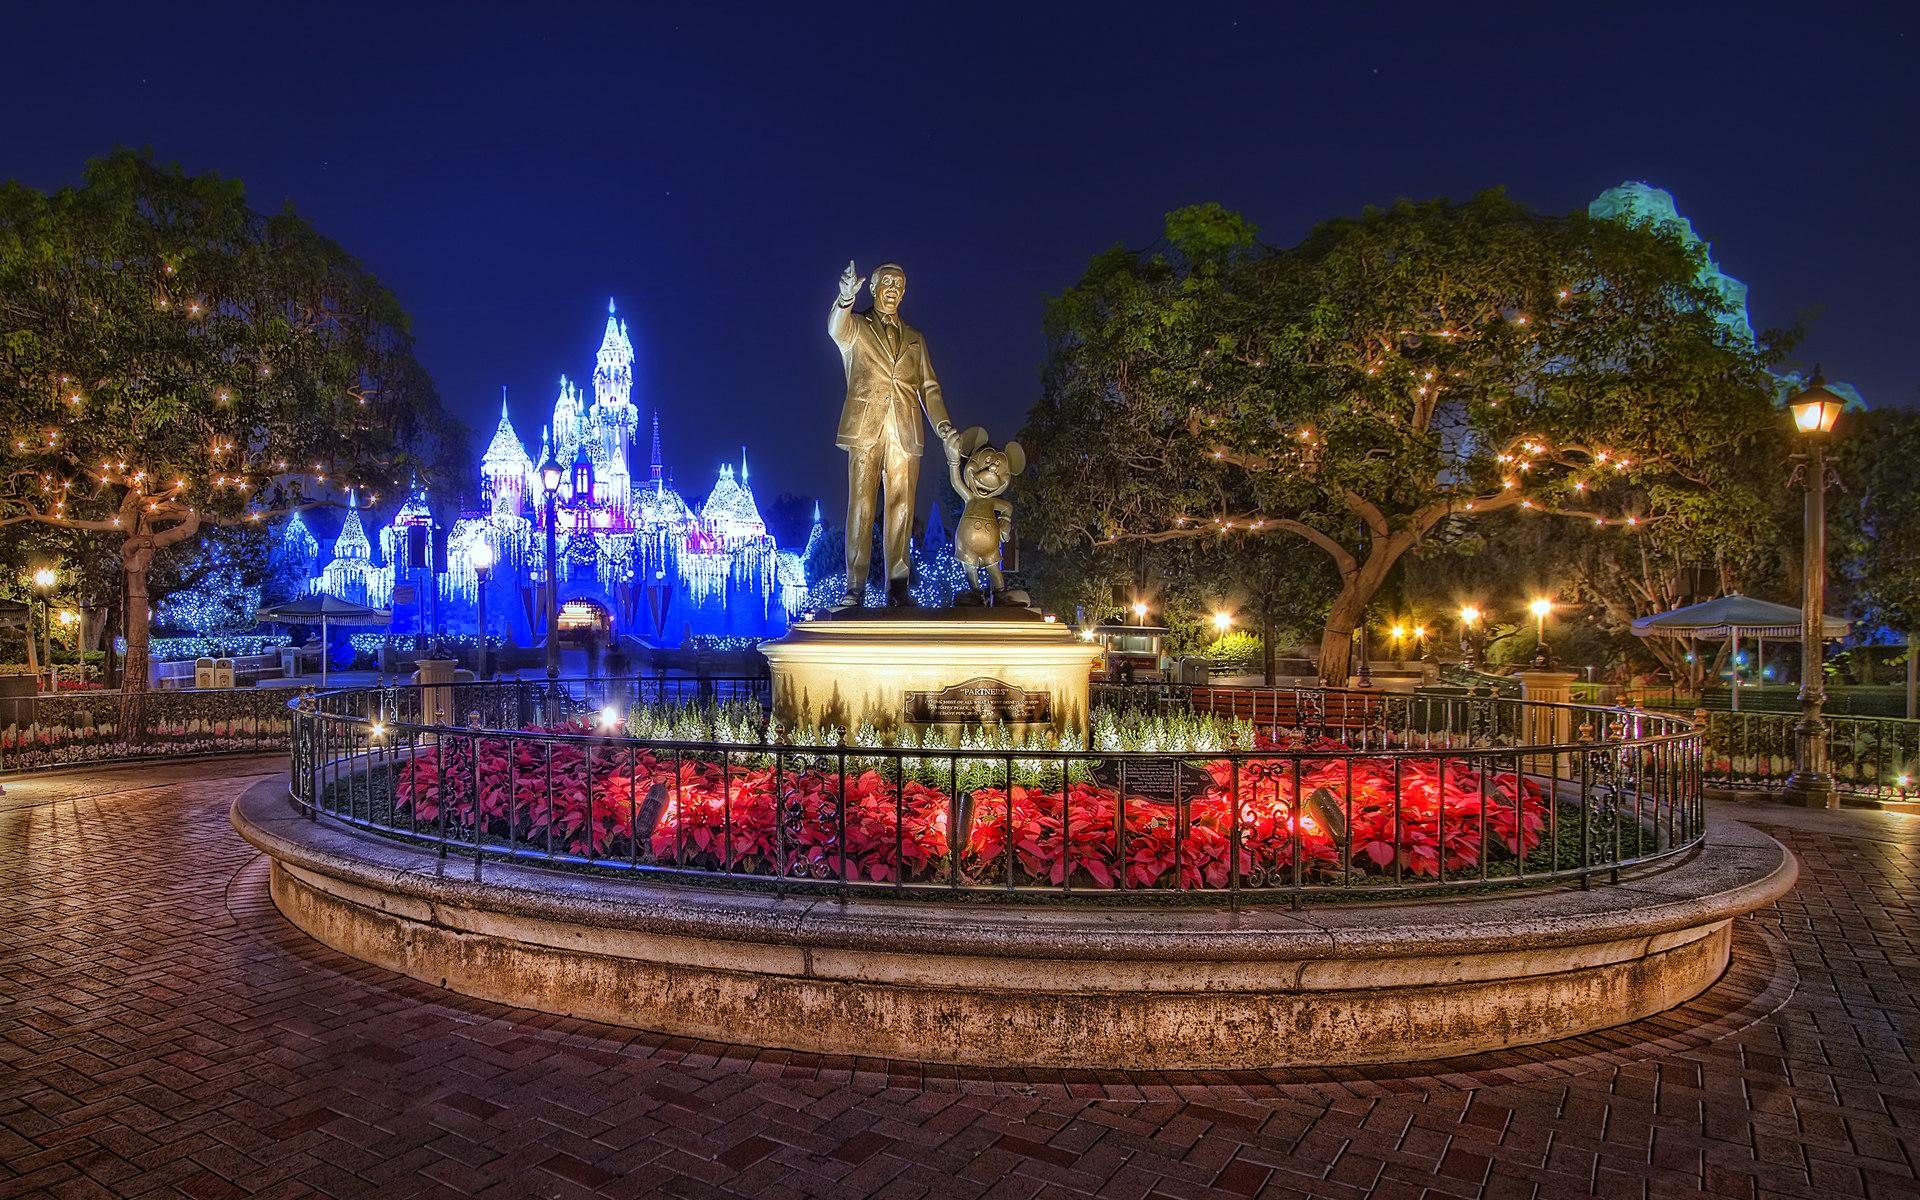 Disney Desktop Wallpaper Hd: Disneyland Free Hd Wallpapers For Desktop New Collections